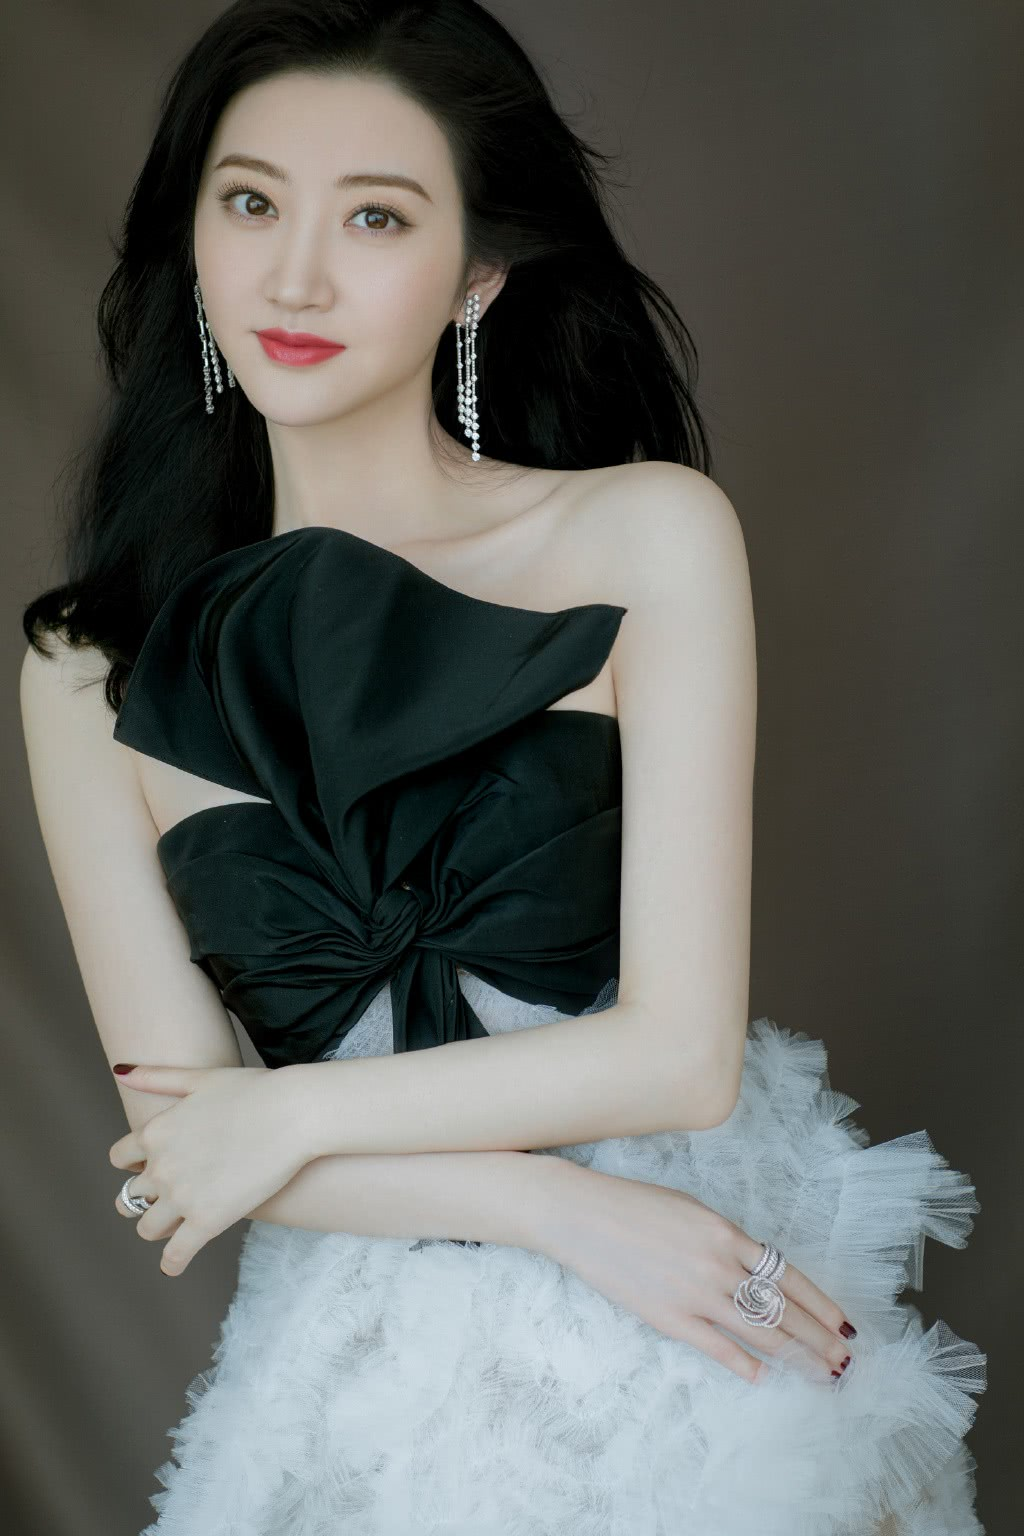 景甜真敢穿,白色透视裙胸口绑黑色蝴蝶结,网友:美到不敢看